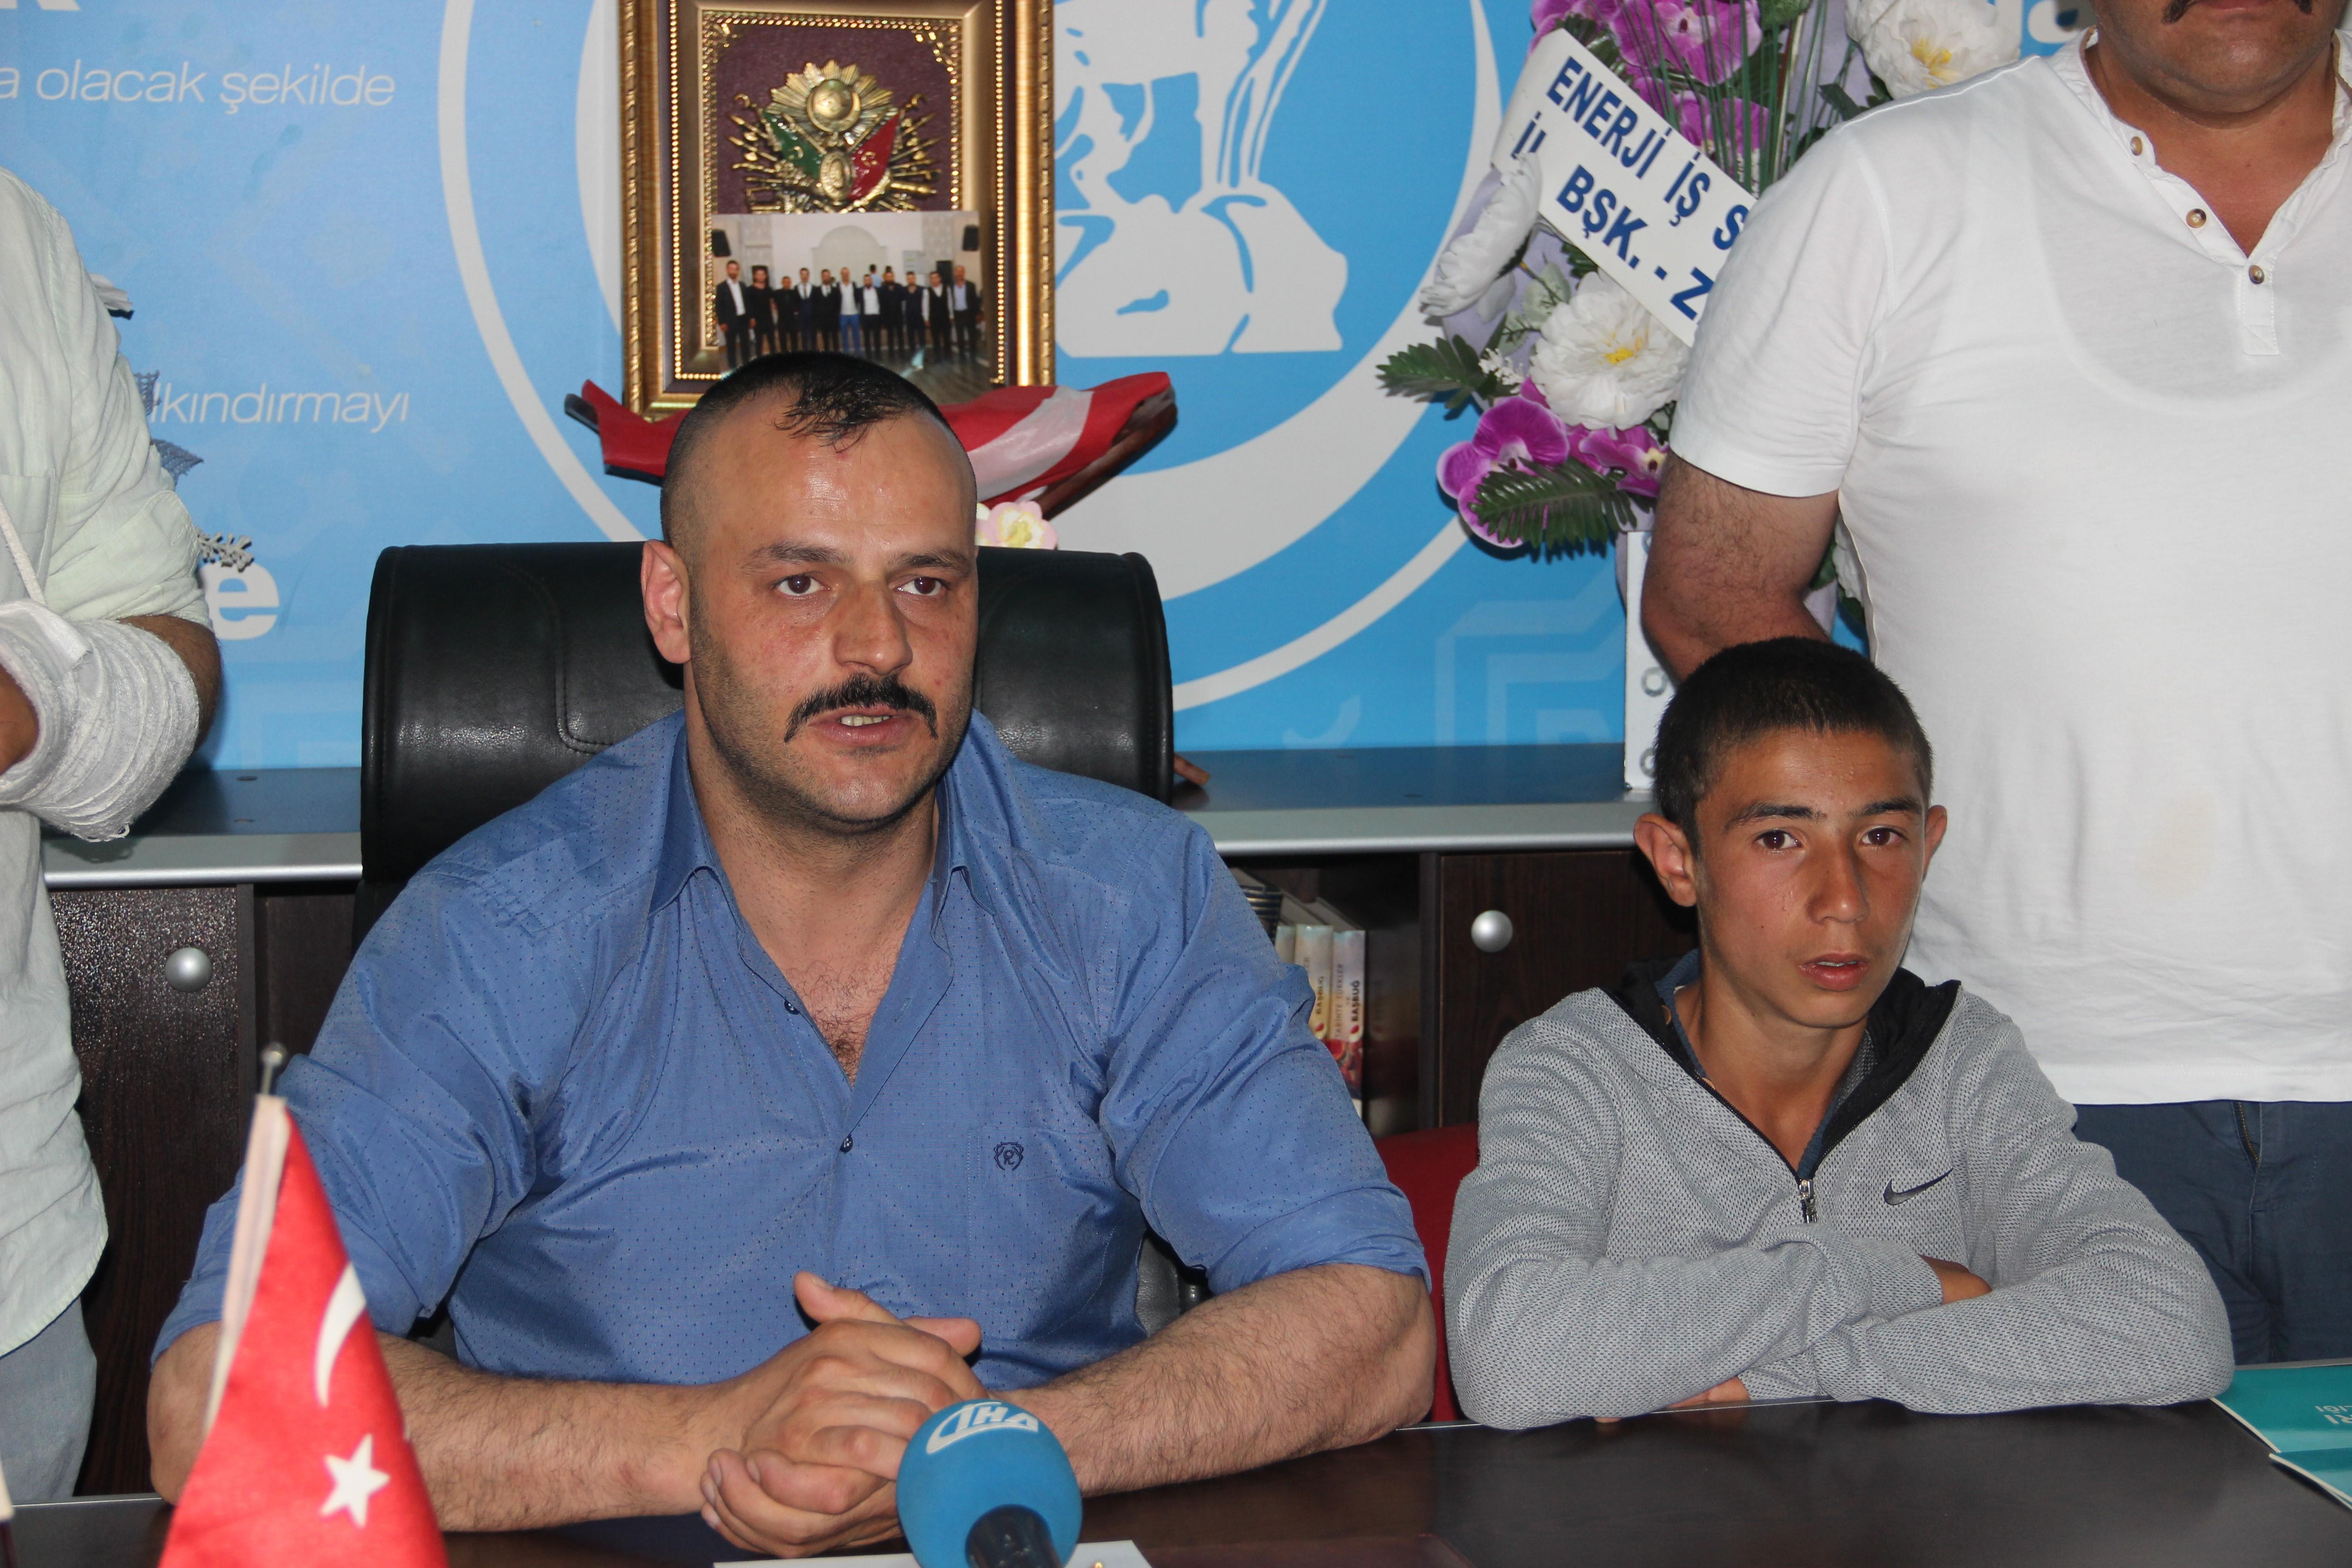 Kars'ta kaybolan çocuk Erzurum'da bulundu